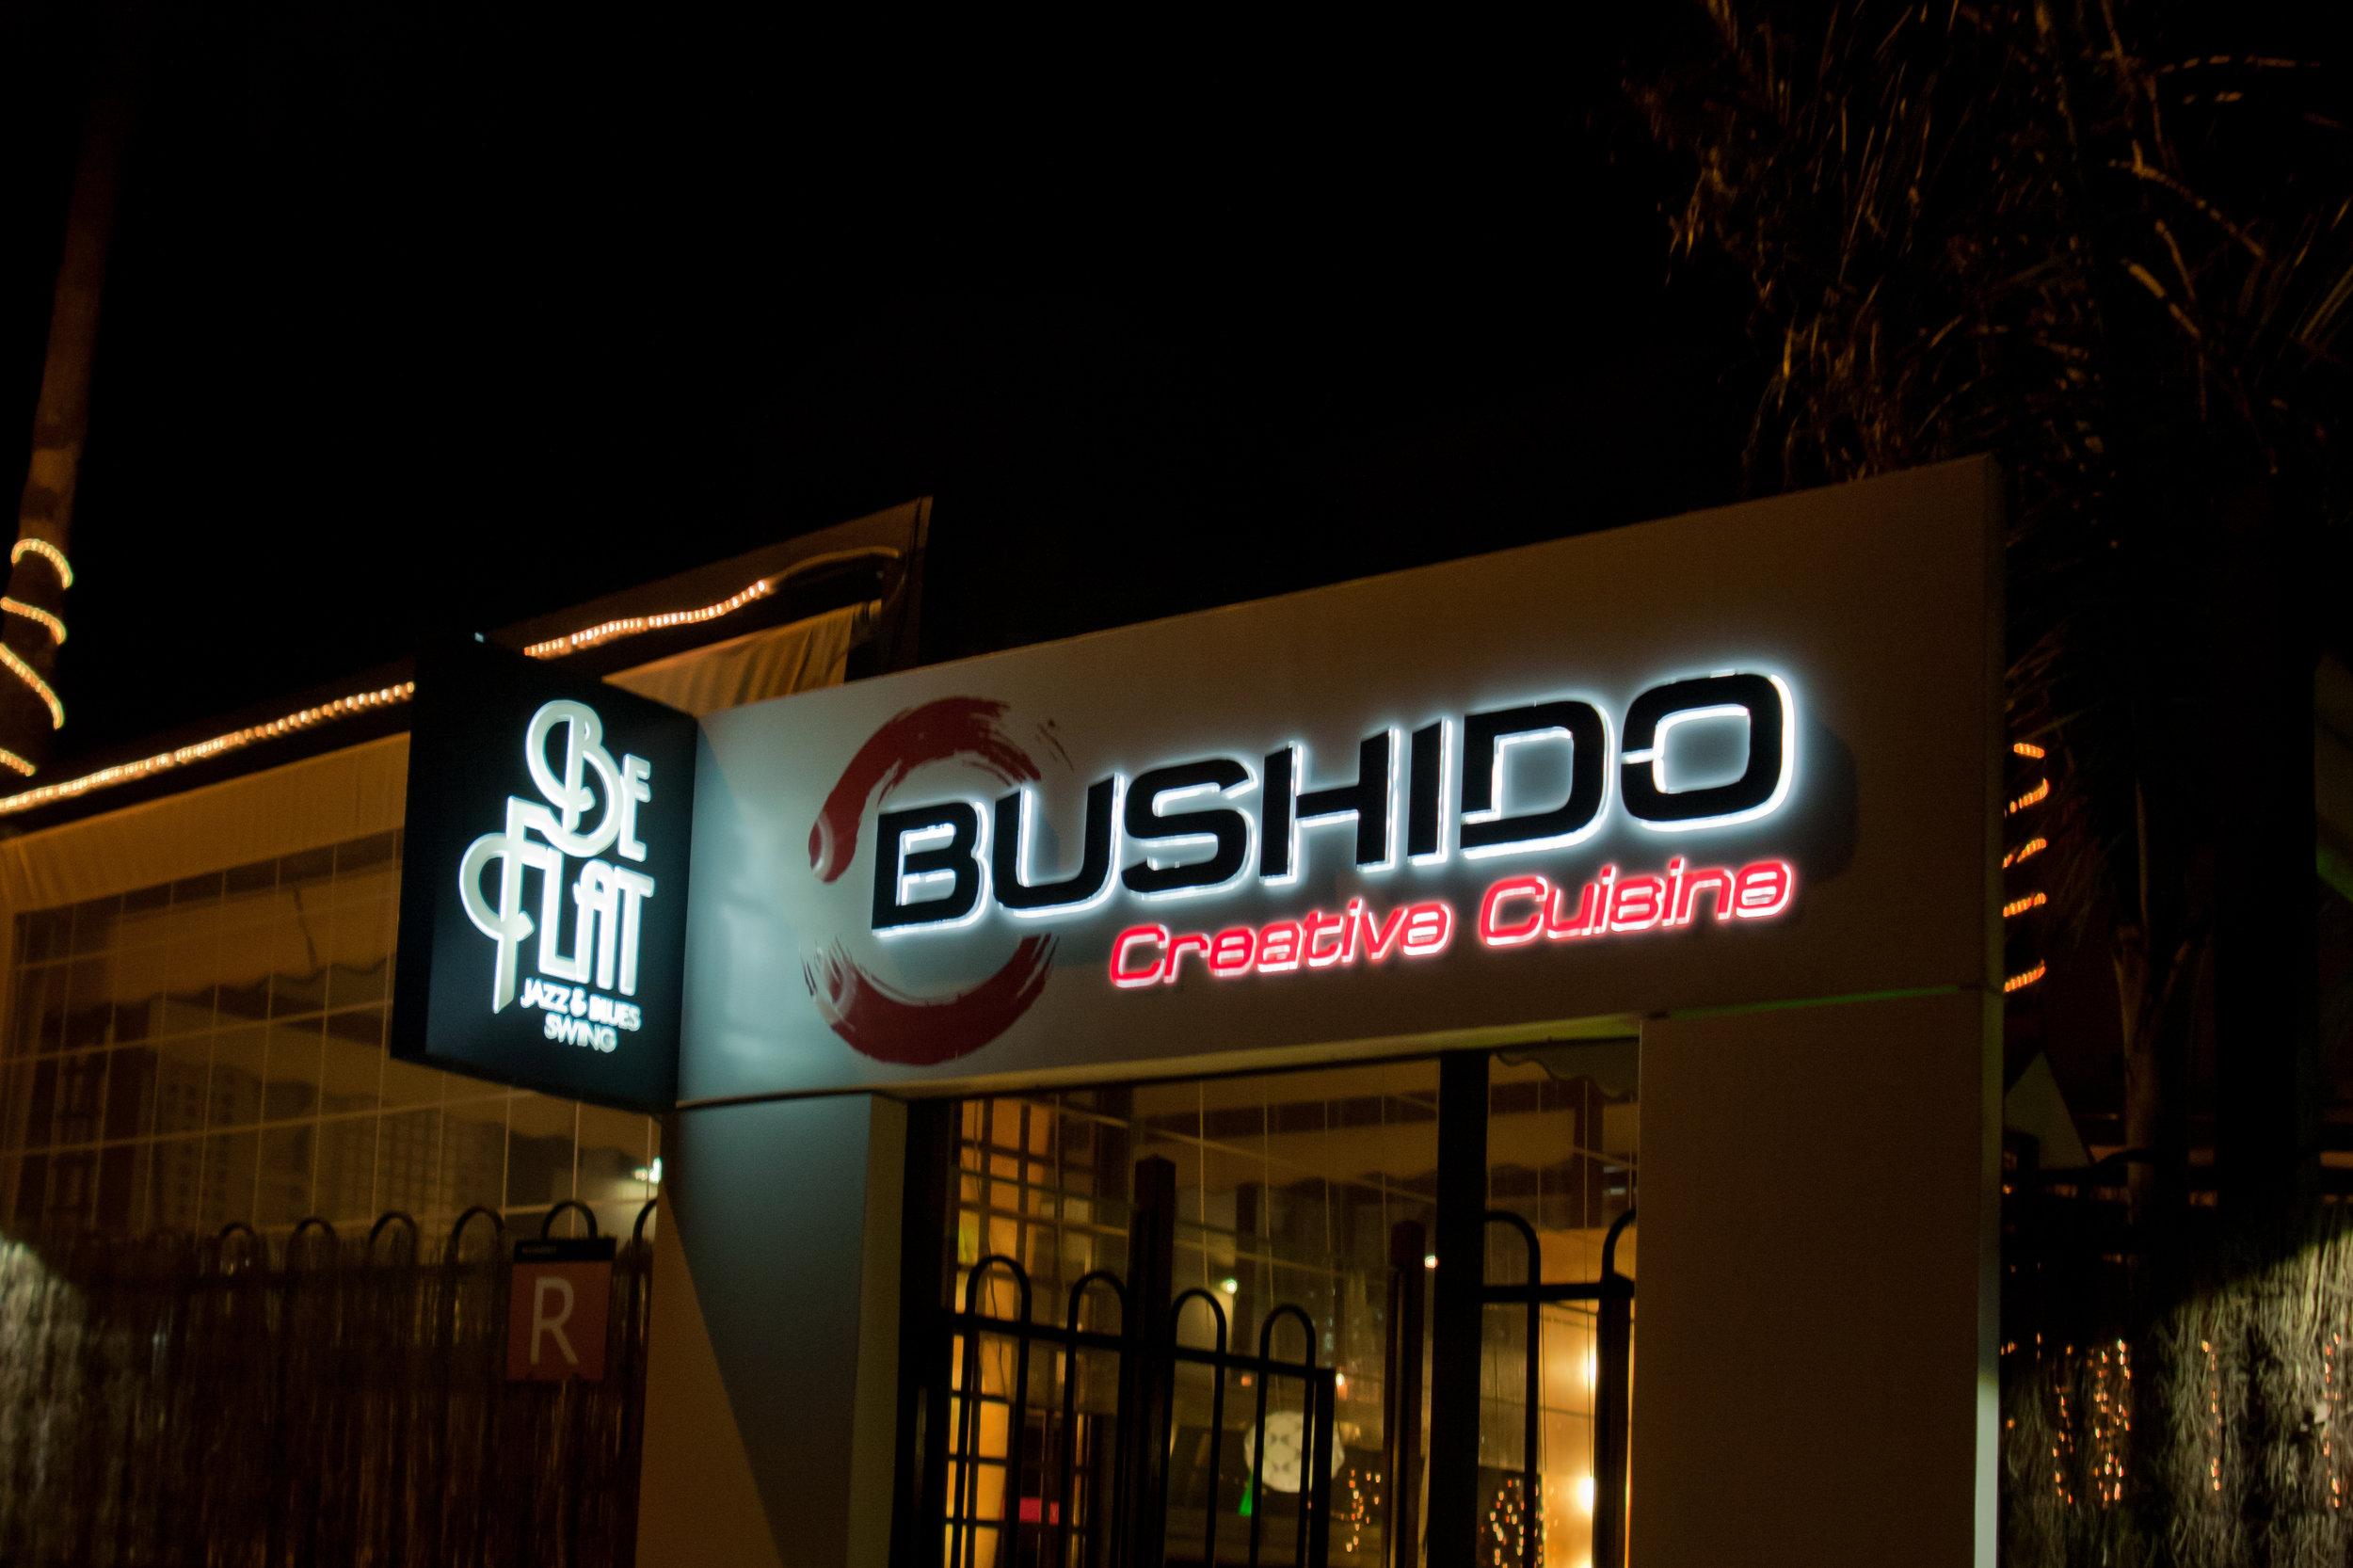 CARTEL ENTRADA BUSHIDO.JPG